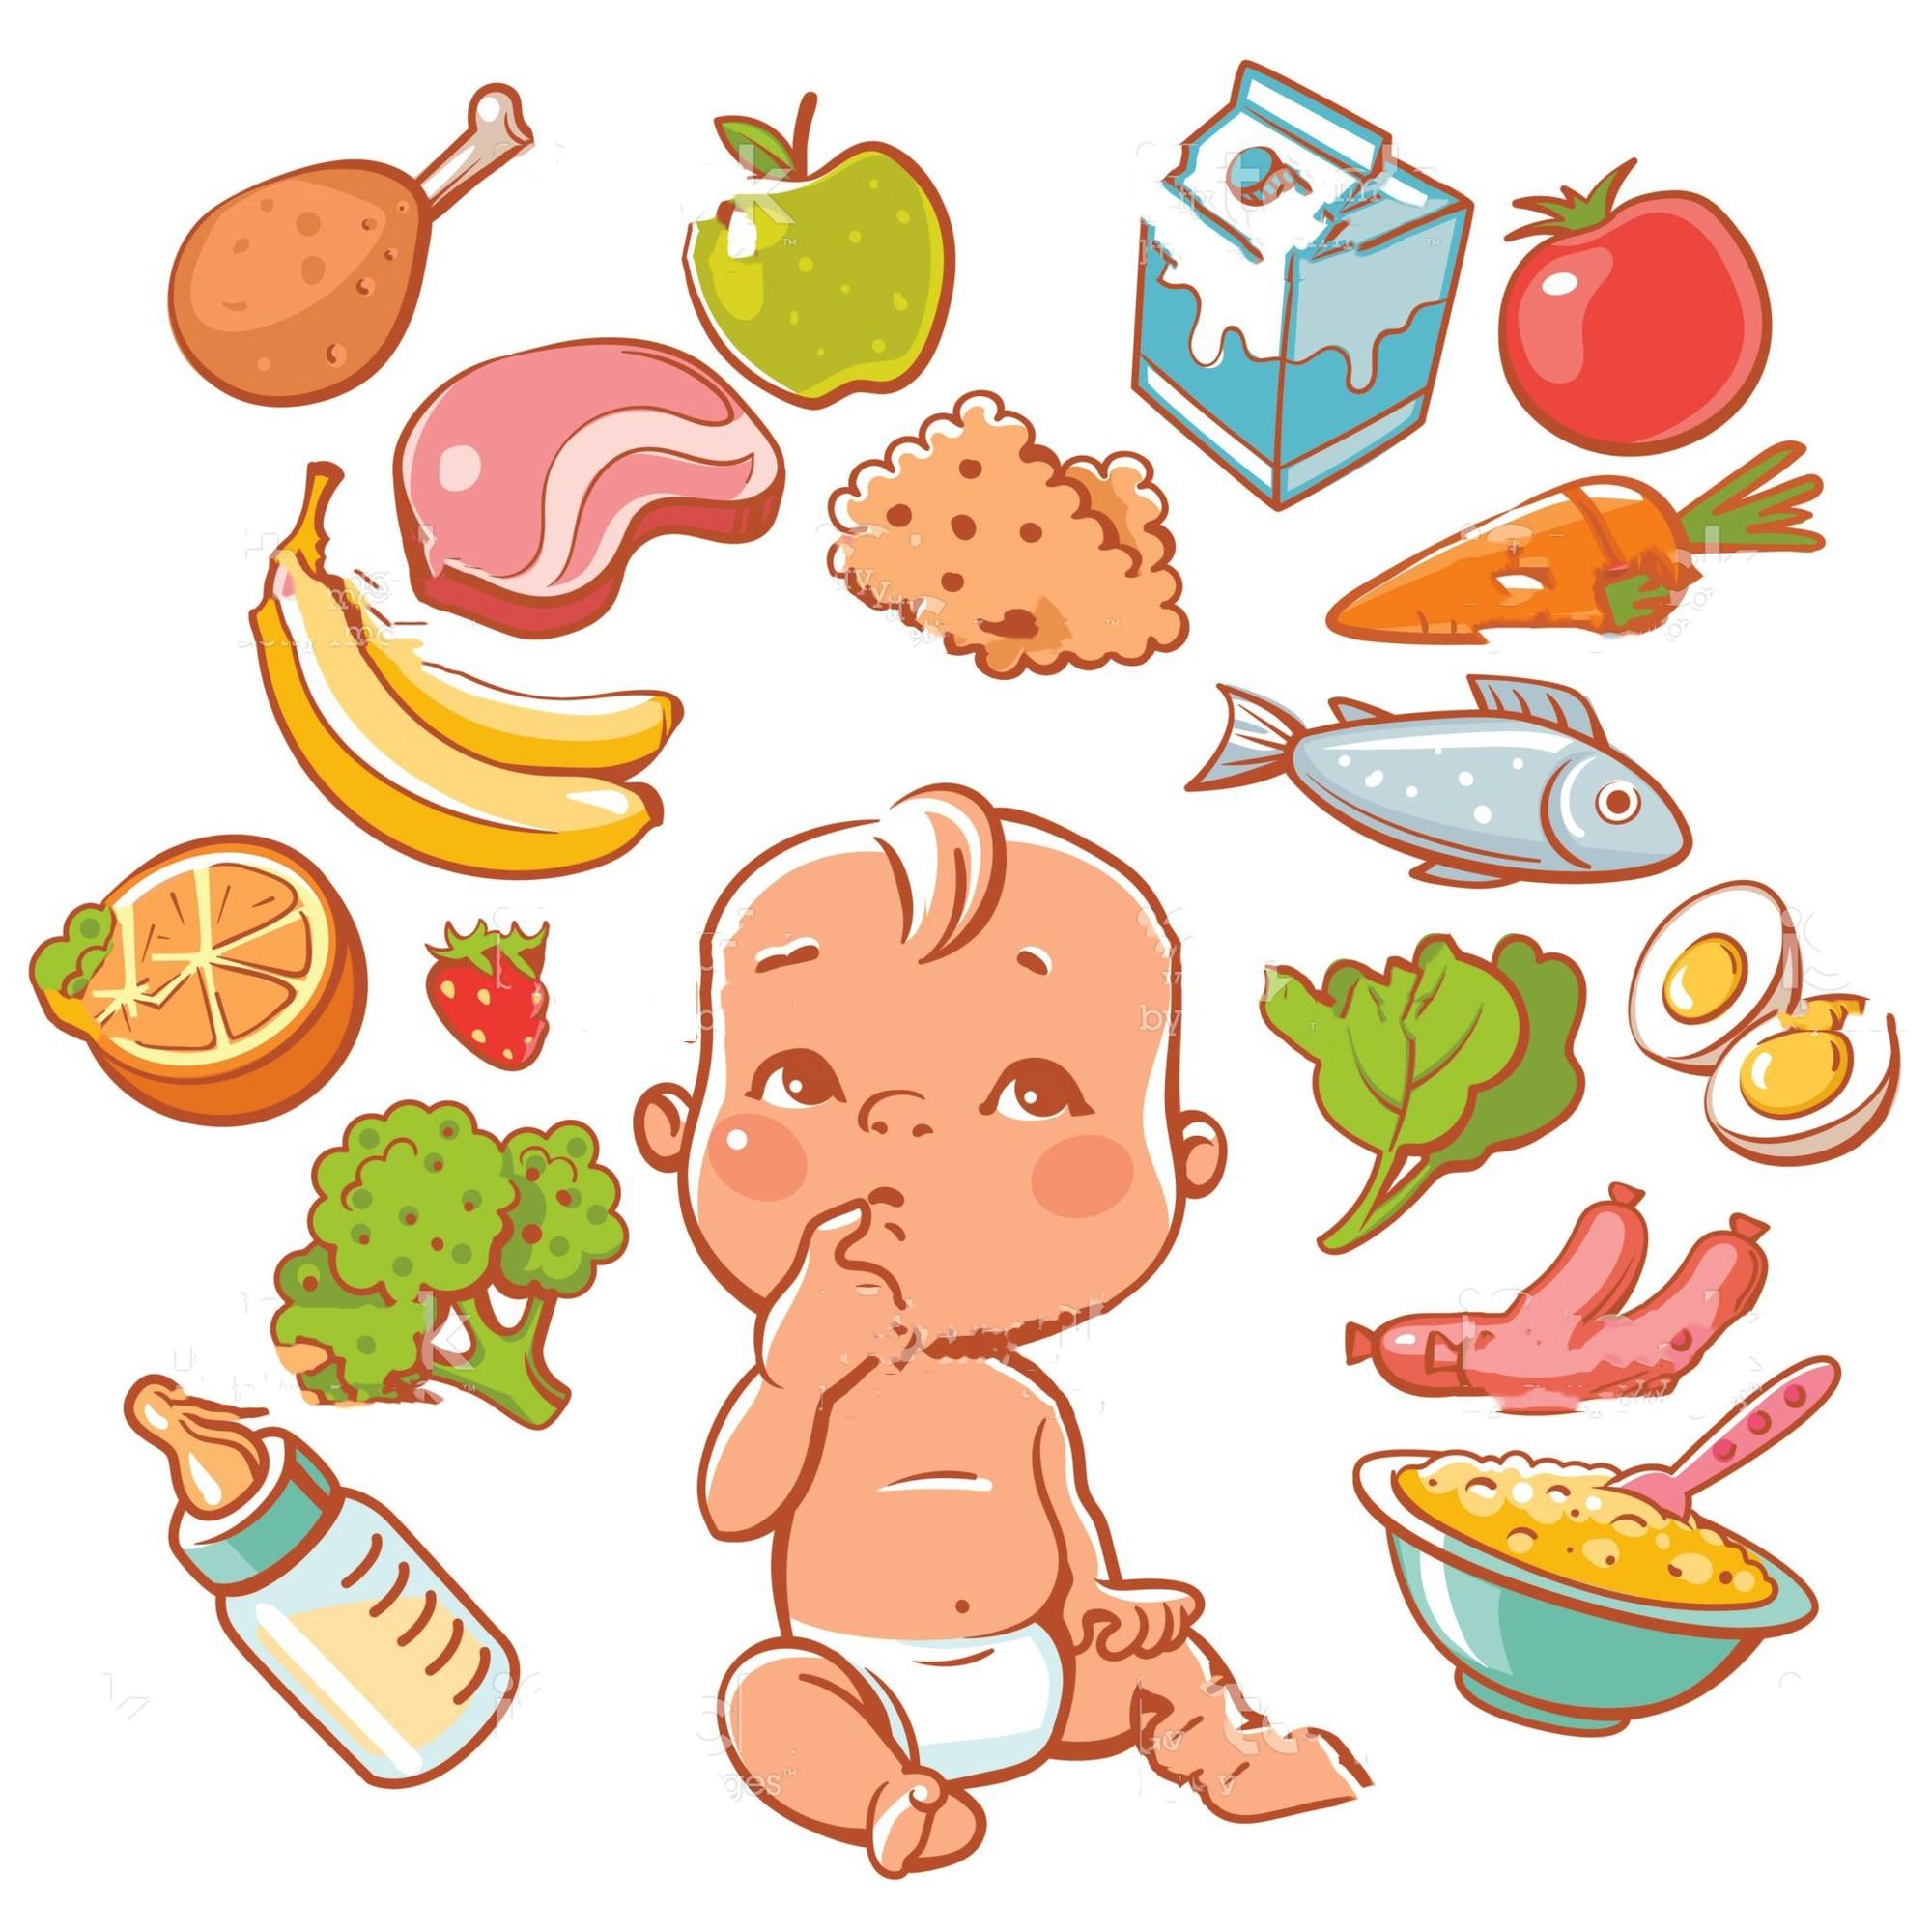 3. dinh dưỡng đúng để trẻ tăng chiều cao1